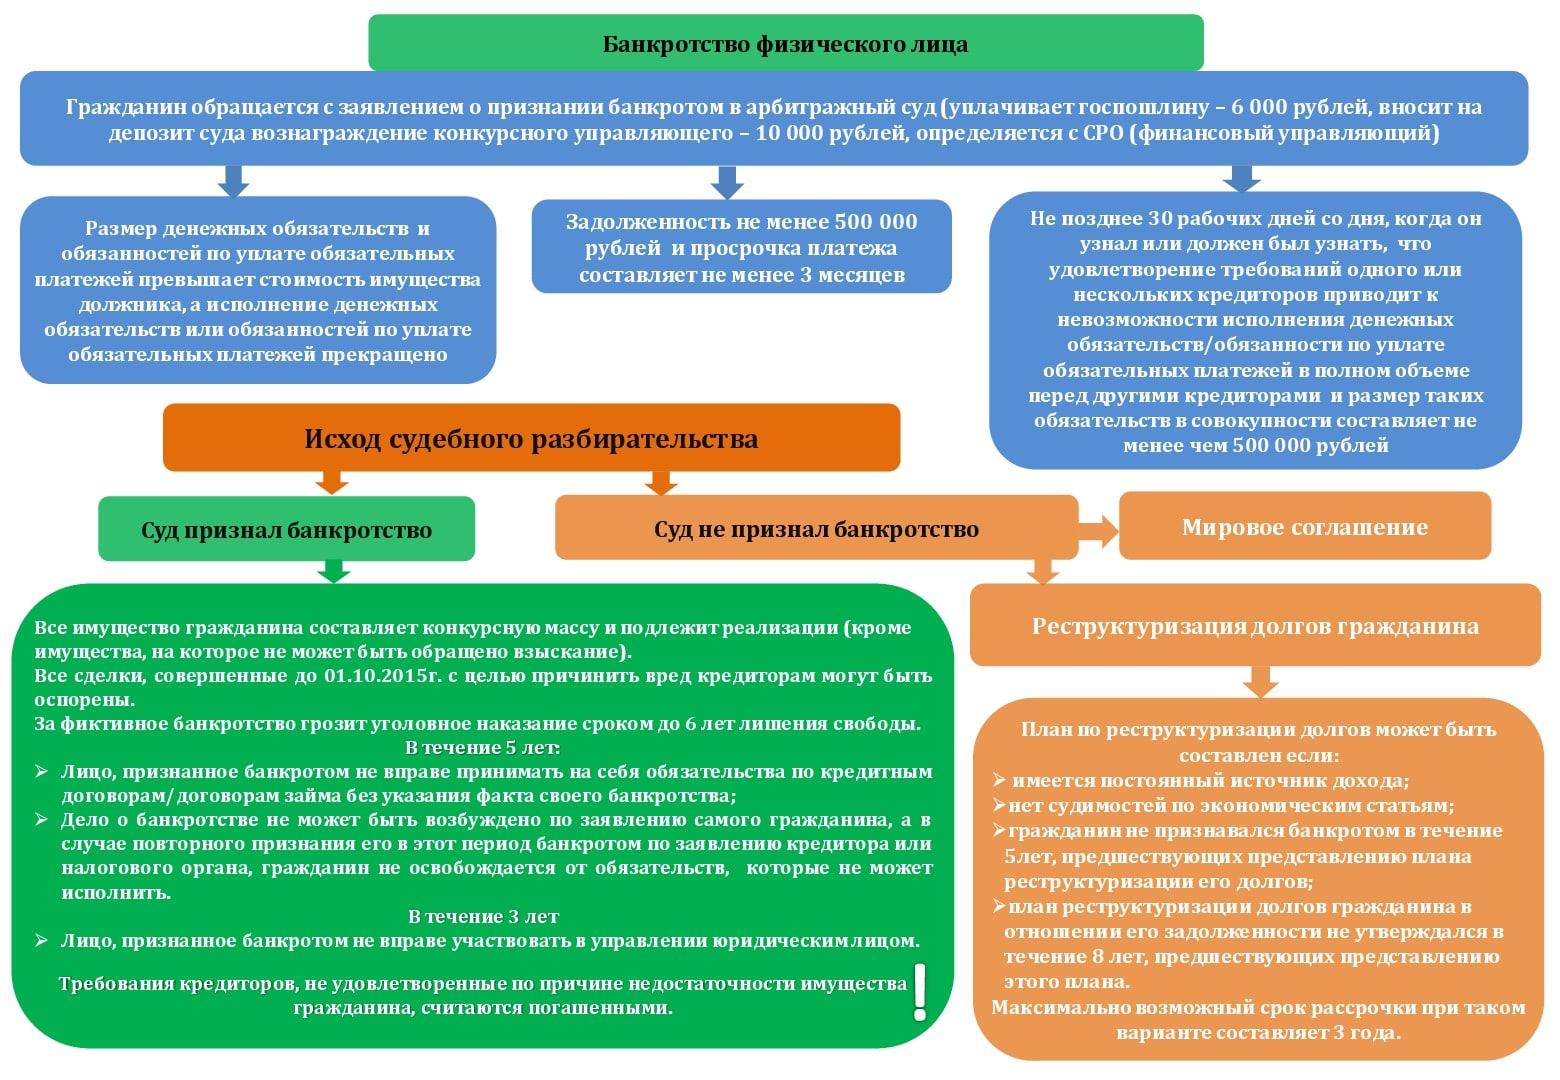 Банкротство юридических лиц — пошаговая инструкция процедуры банкротства последствия, этапы, сроки